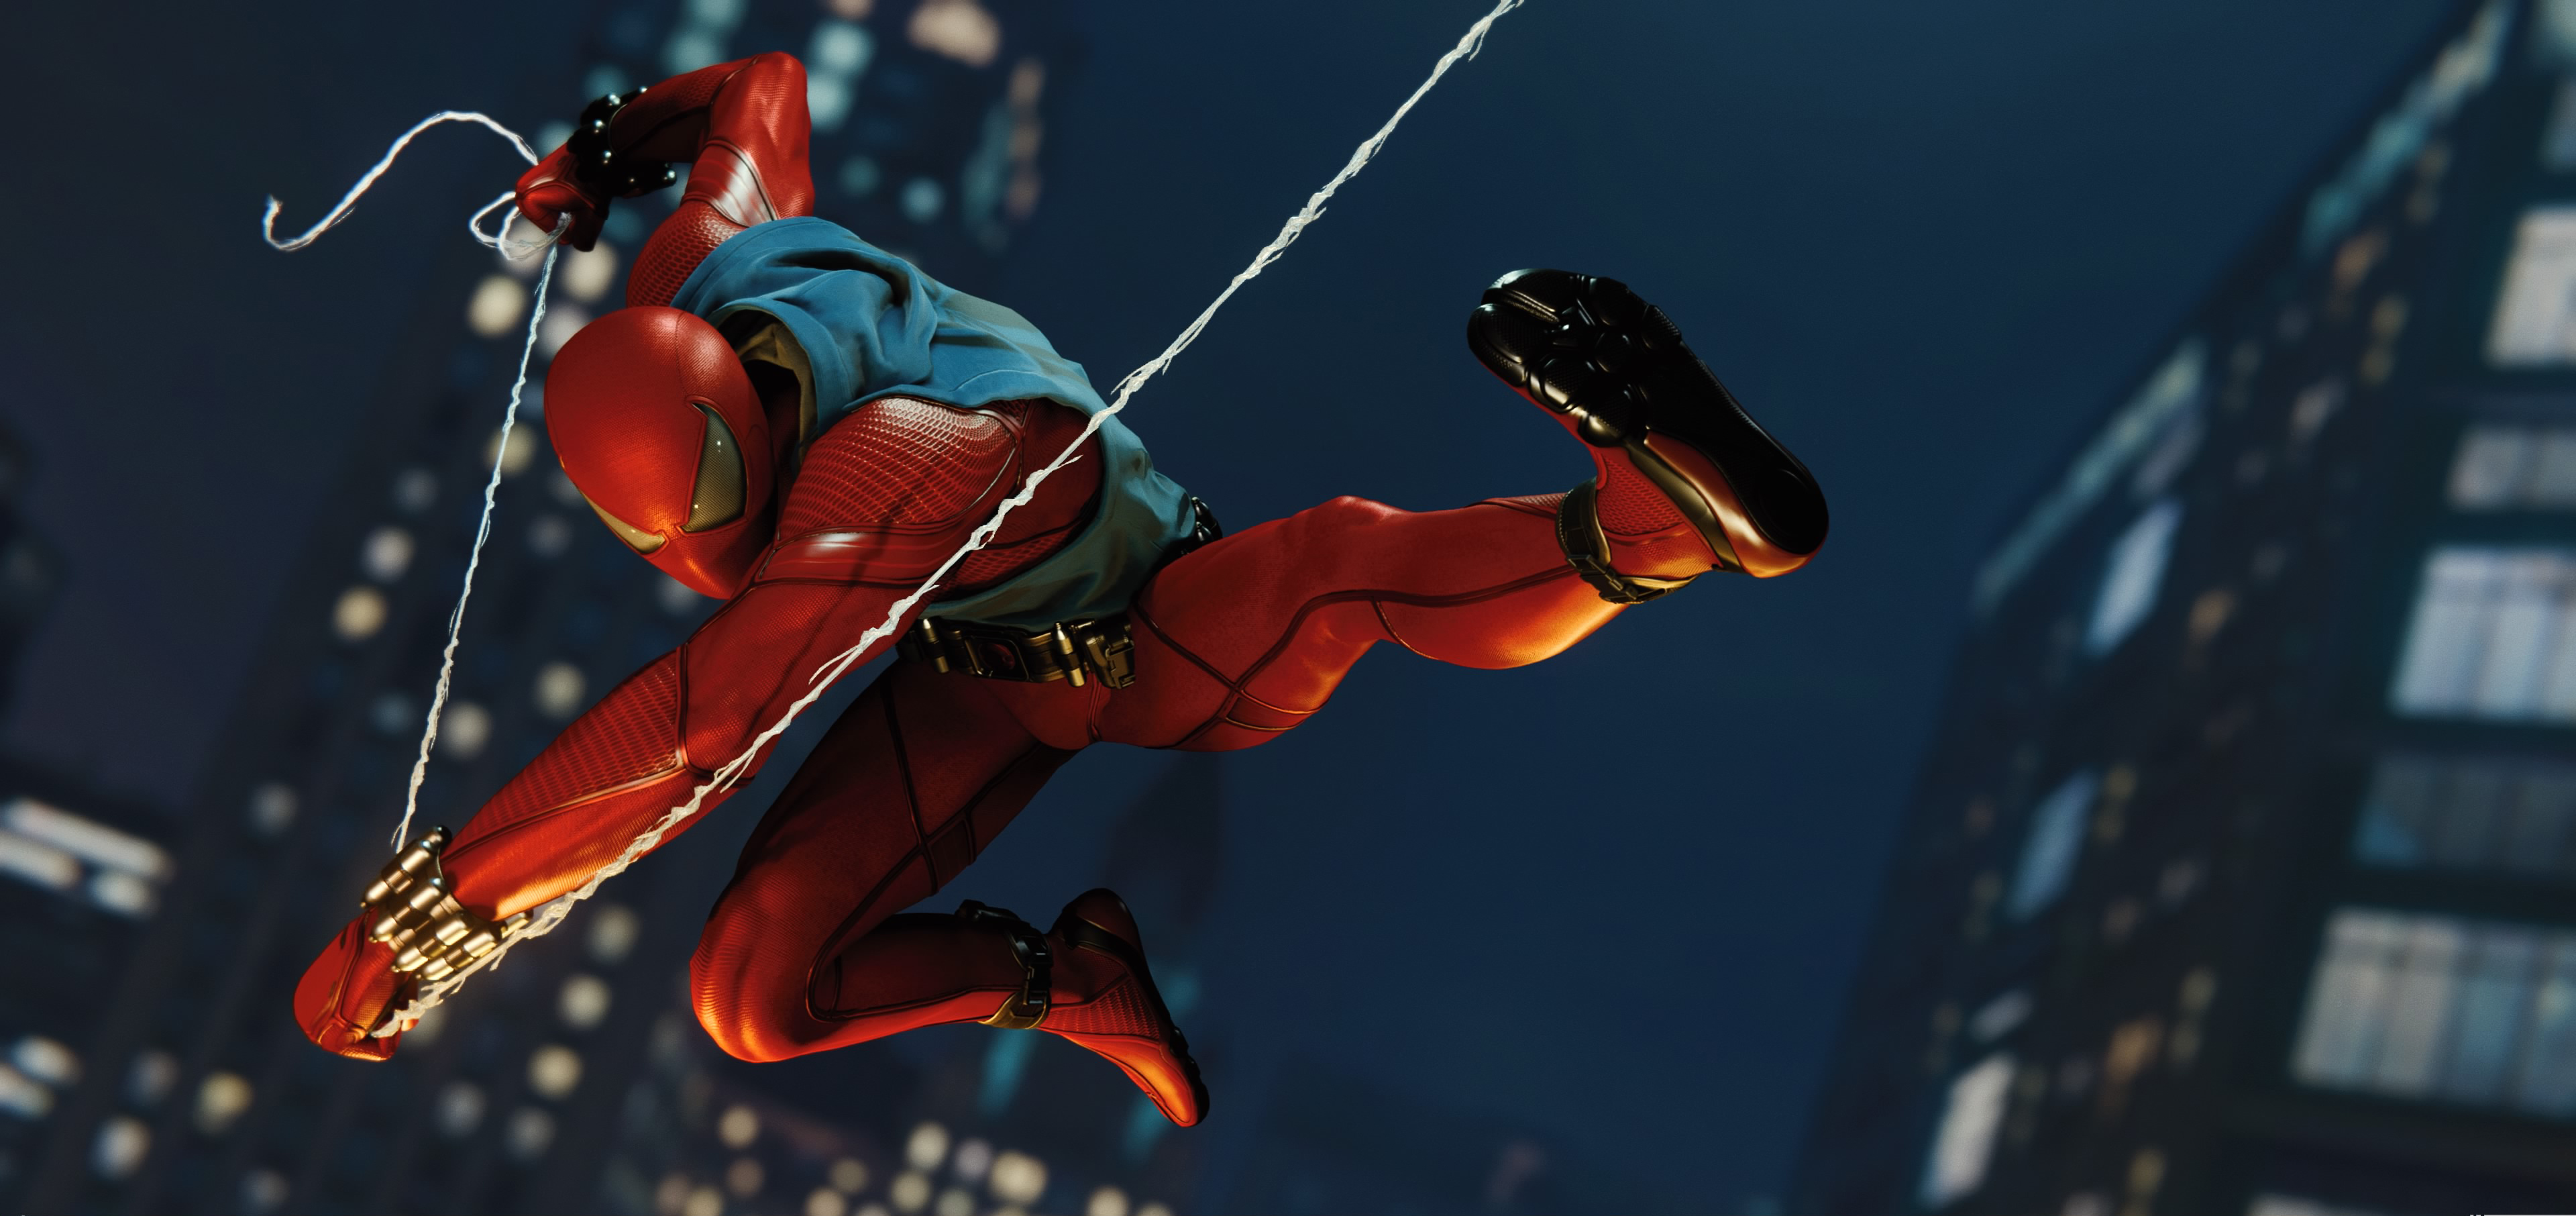 Spider-Man (PS4) Fondo De Pantalla HD